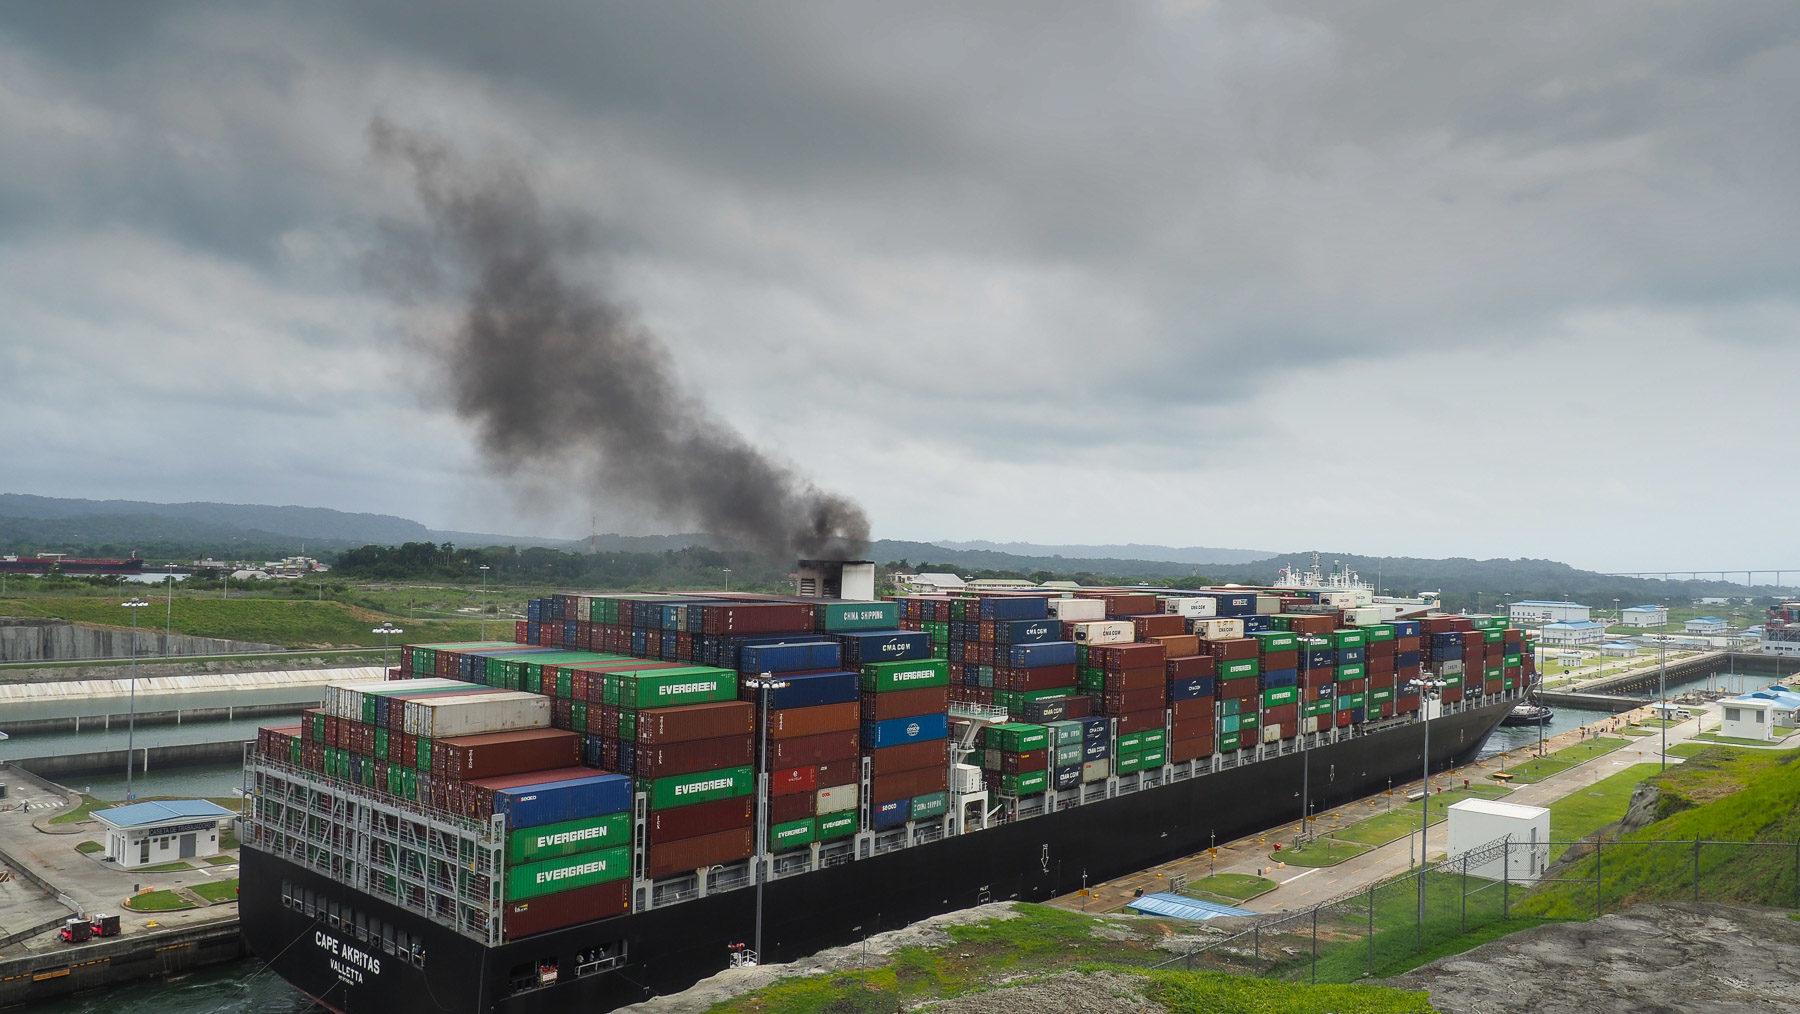 Eine der Schleusen des Panamakanals